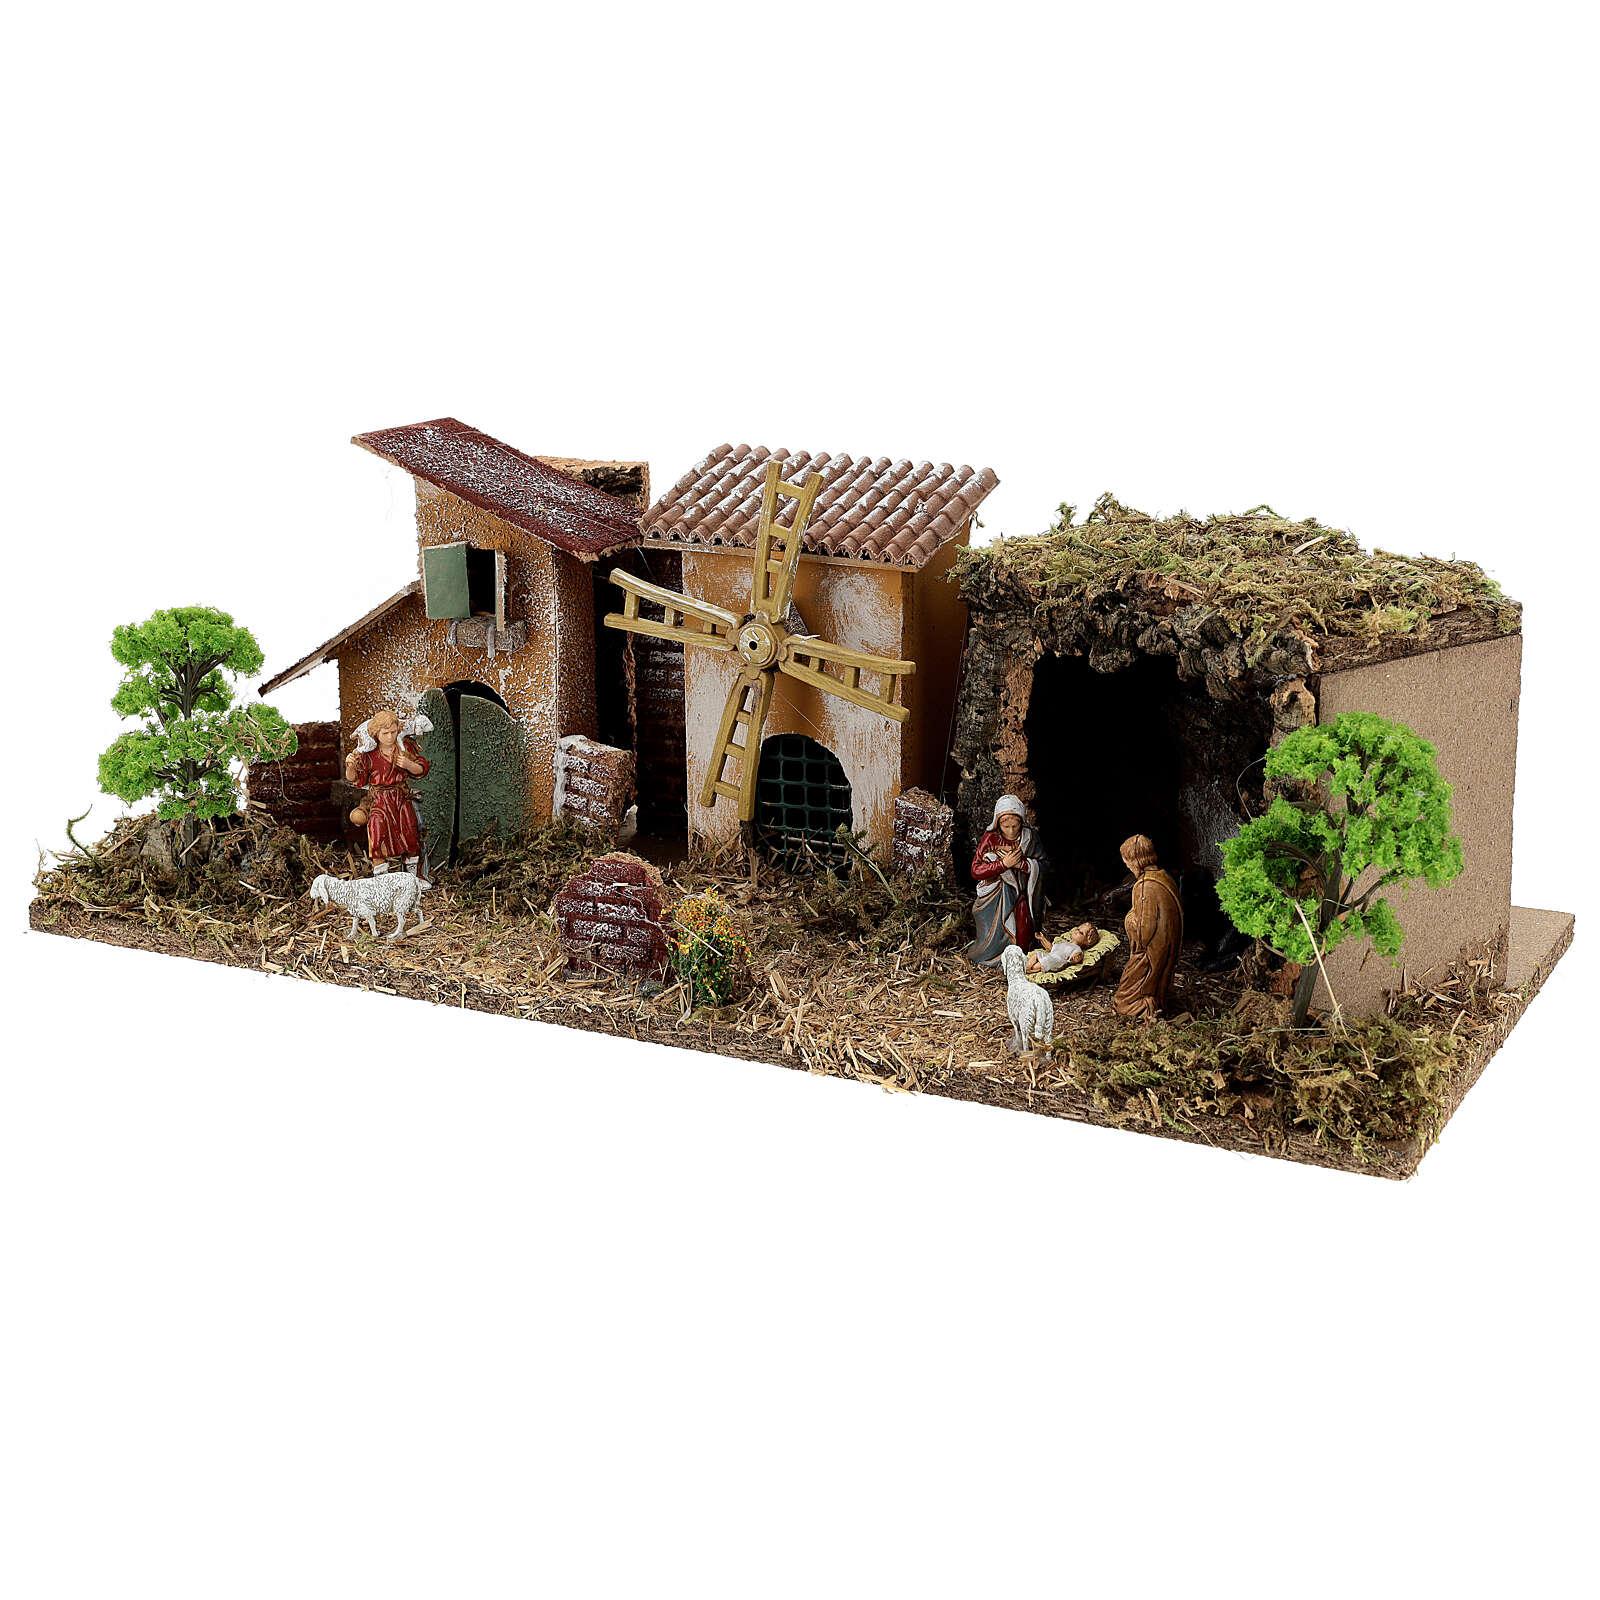 Borgo con Natività linea Moranduzzo presepi 8-10 cm 20x55x25 cm 4